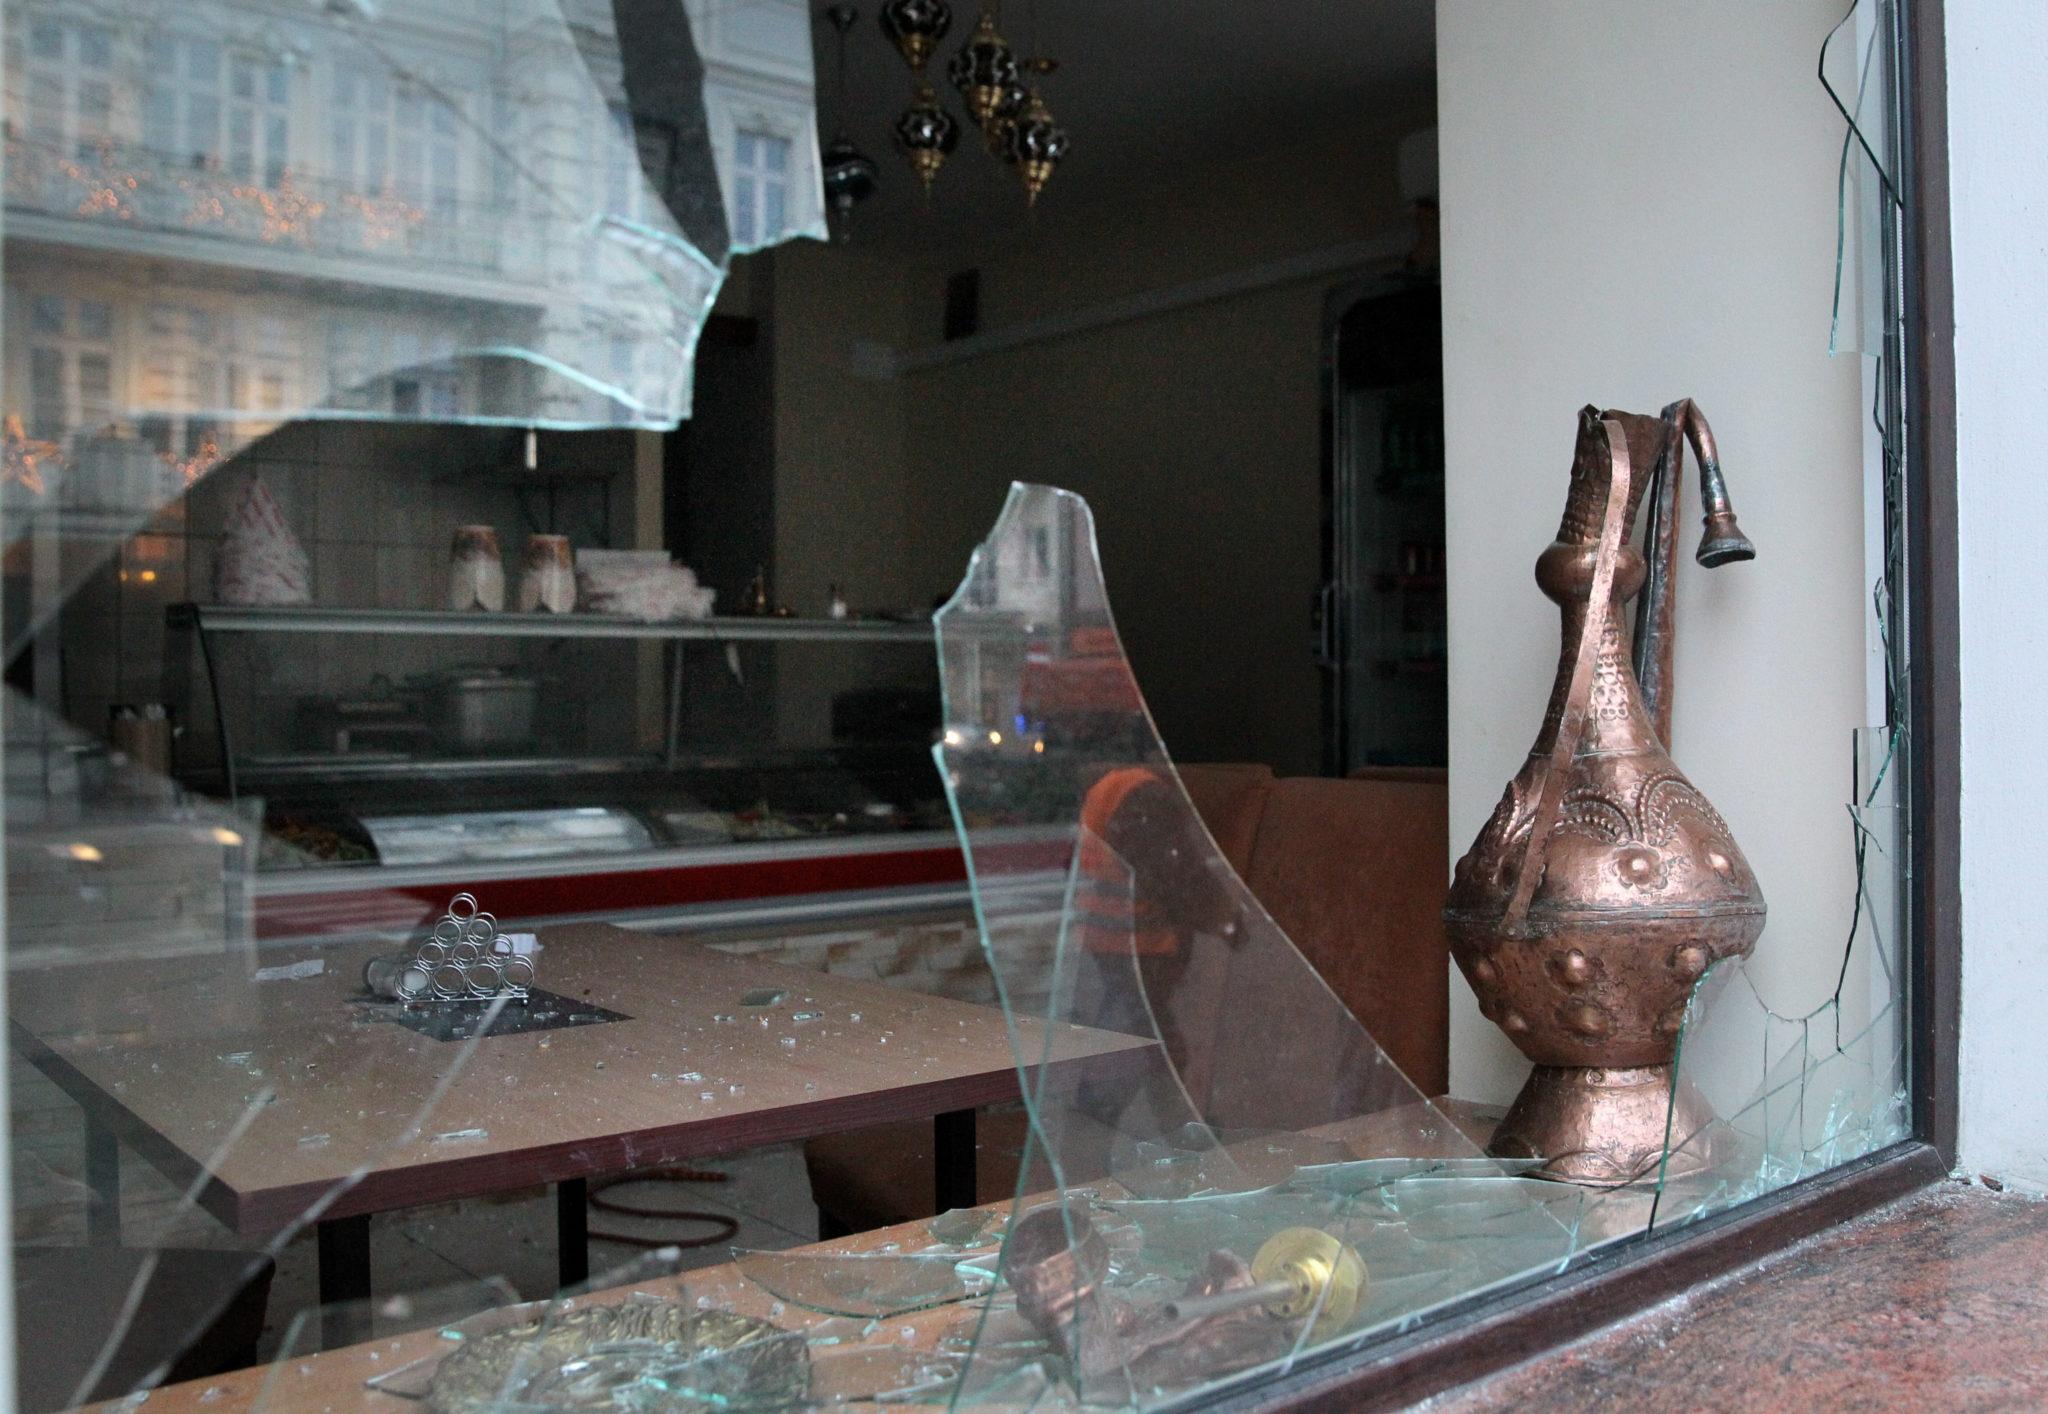 Polska: zdemolowany bar w Ełku. Do zdarzenia doszło po zabójstwie 21. latka (foto. PAP/Tomasz Waszczuk)